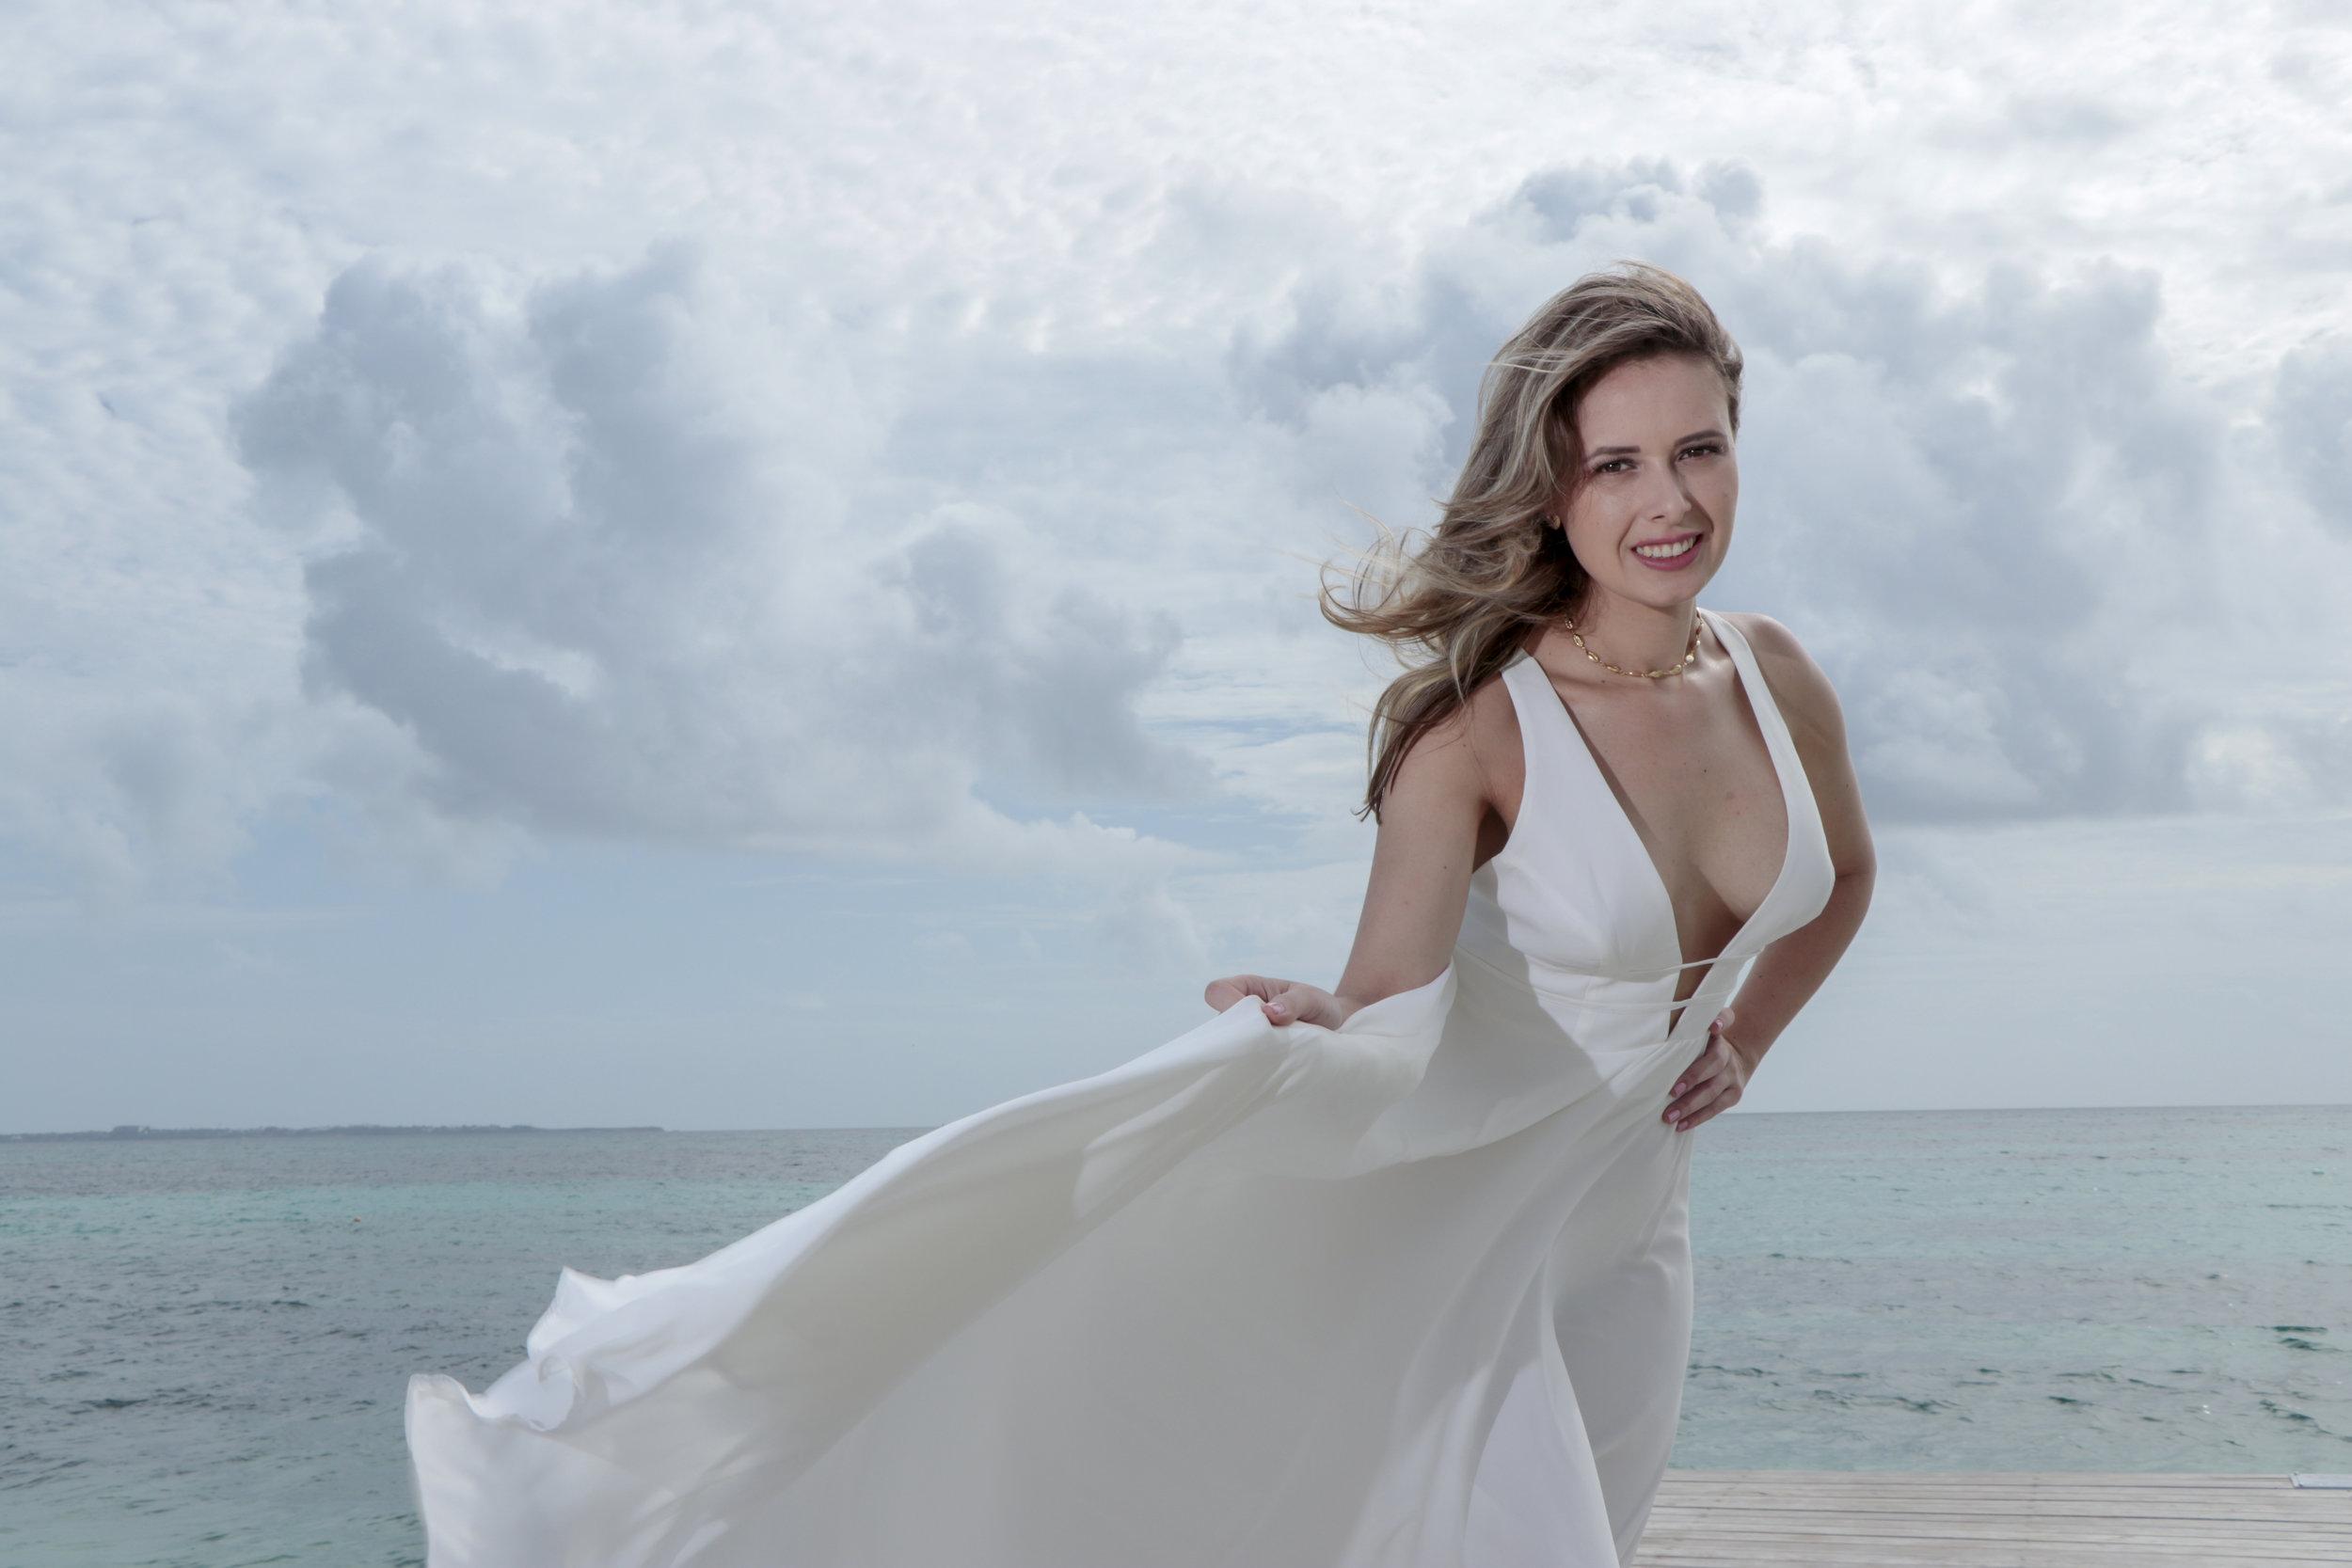 Ensaio Fotografico em Cancun 12.JPG